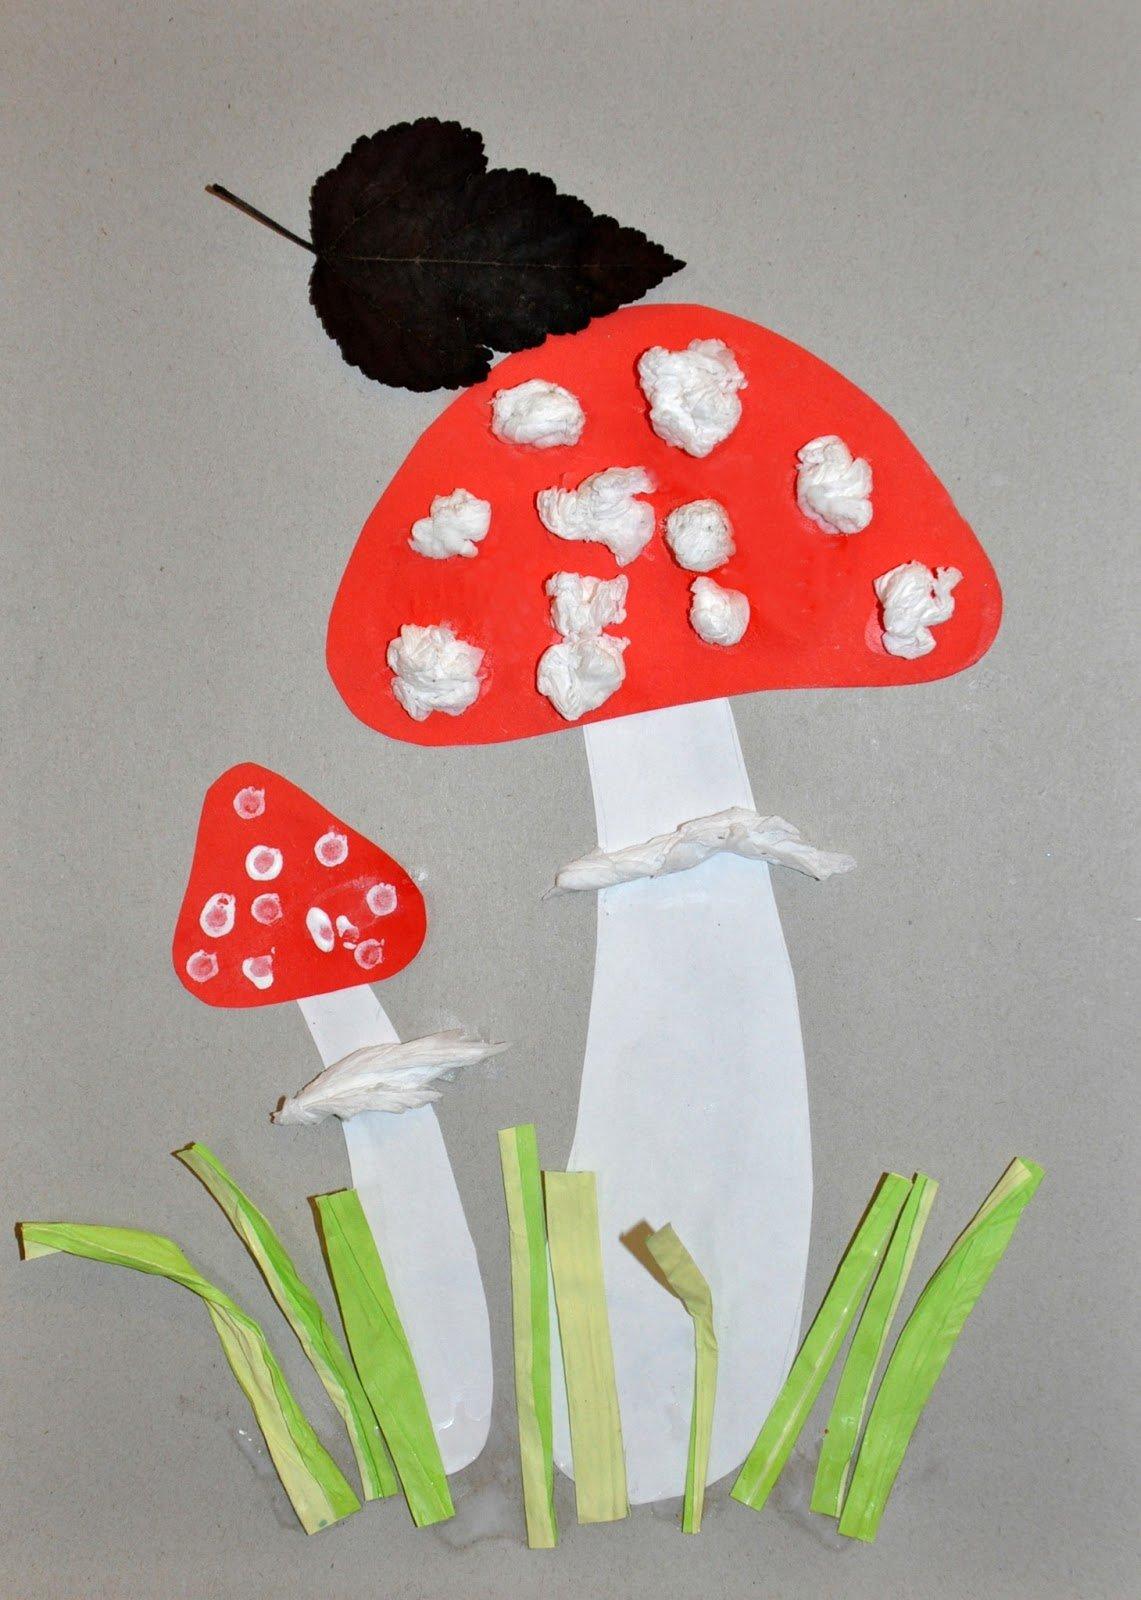 Выкройка грибов. Как сшить игрушку гриб своими руками / Мастер 86